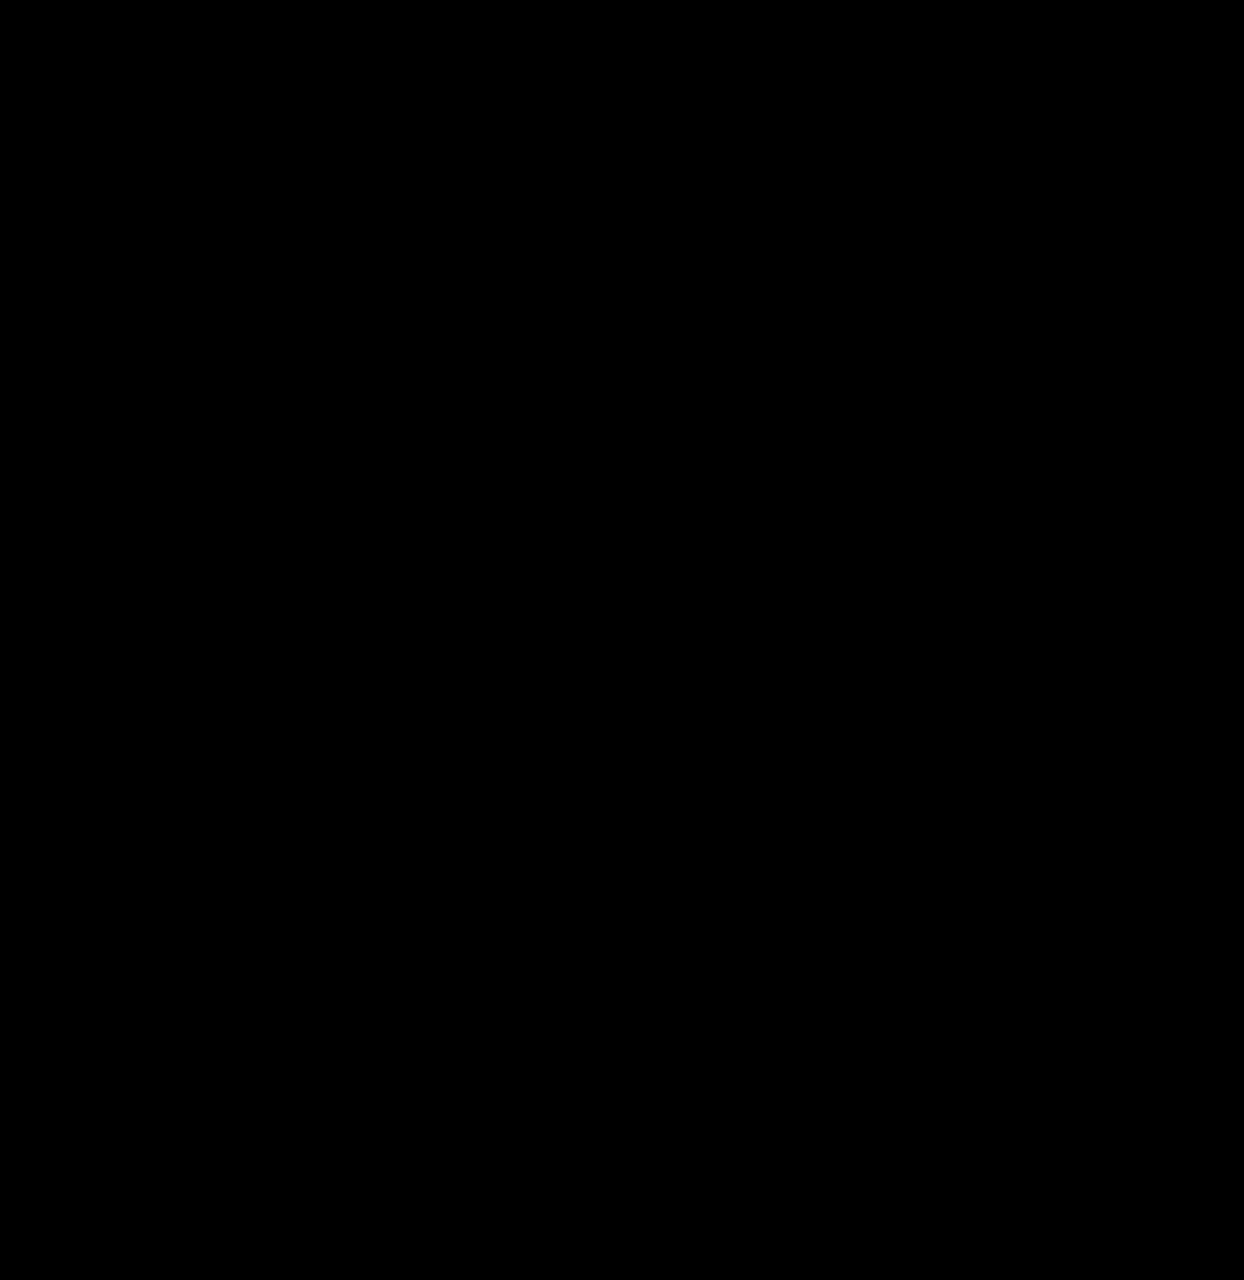 2020 09 02 04 481b7080 cf02 0138 2ce7 063bd7b5133d